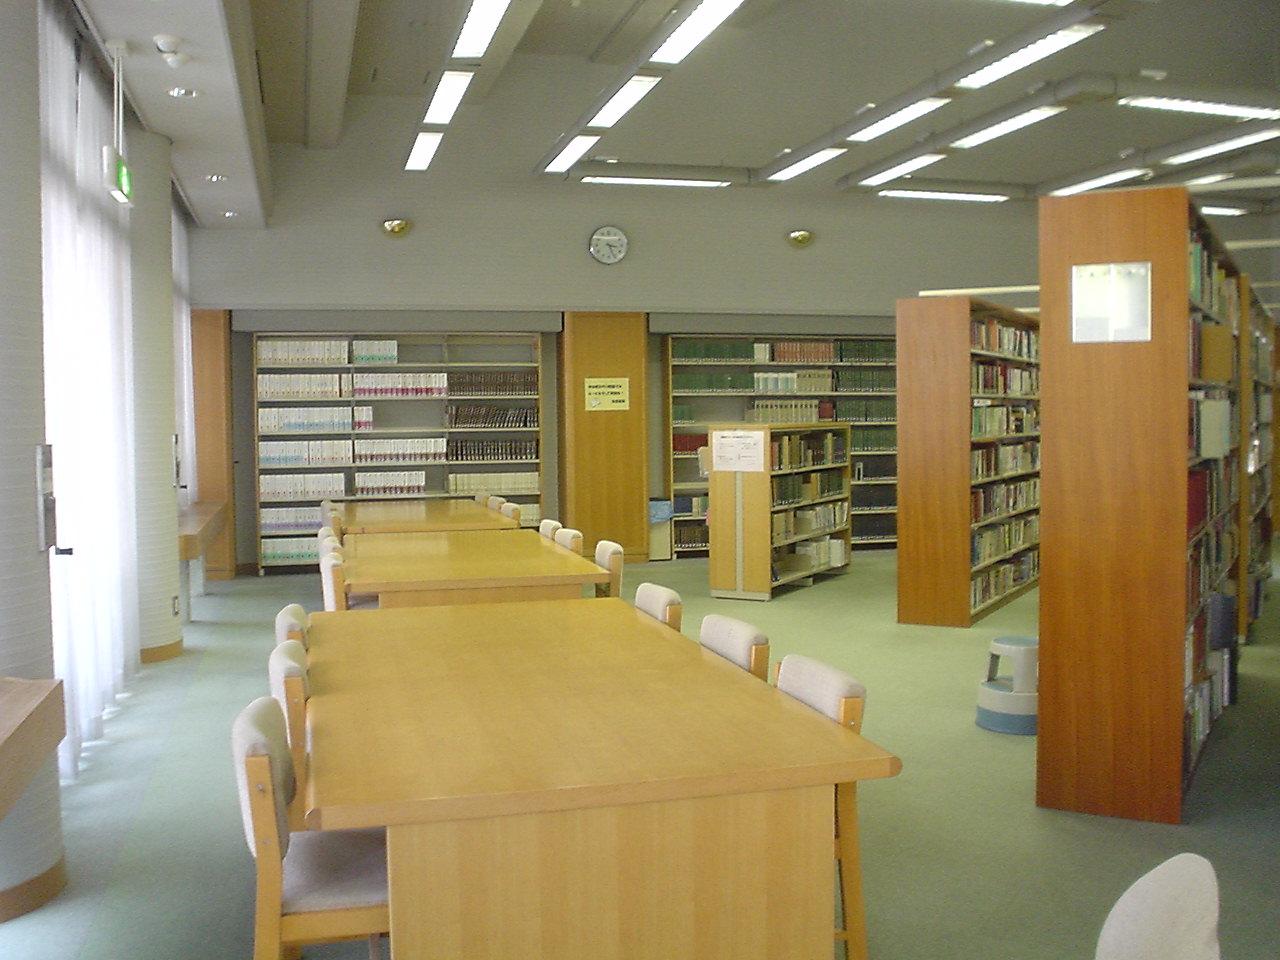 市 検索 蔵書 神戸 図書館 県内図書館